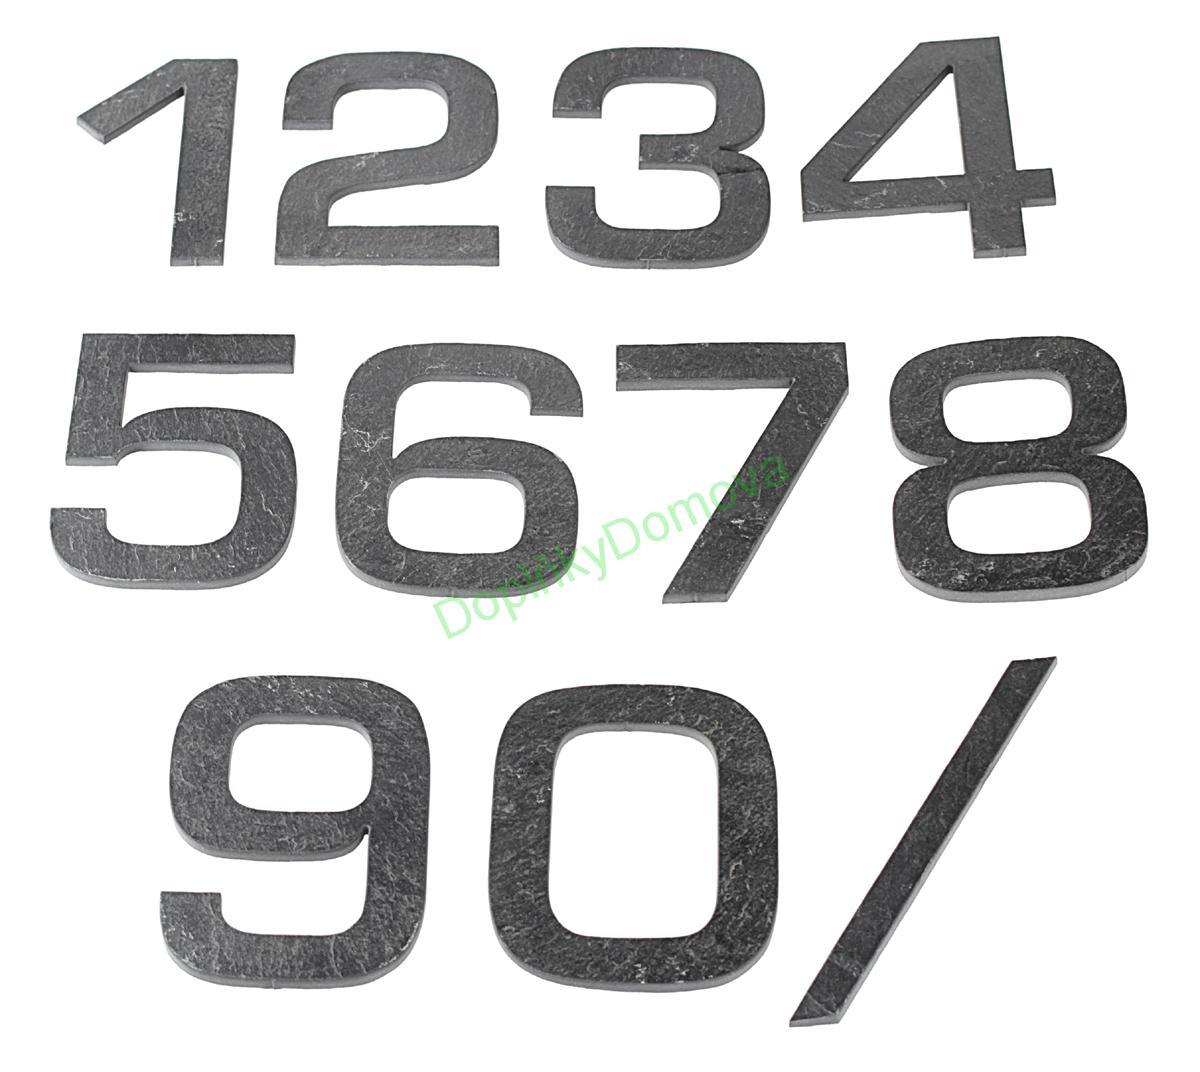 Domovní číslo popisné Břidlice EUROMODE - č. 3